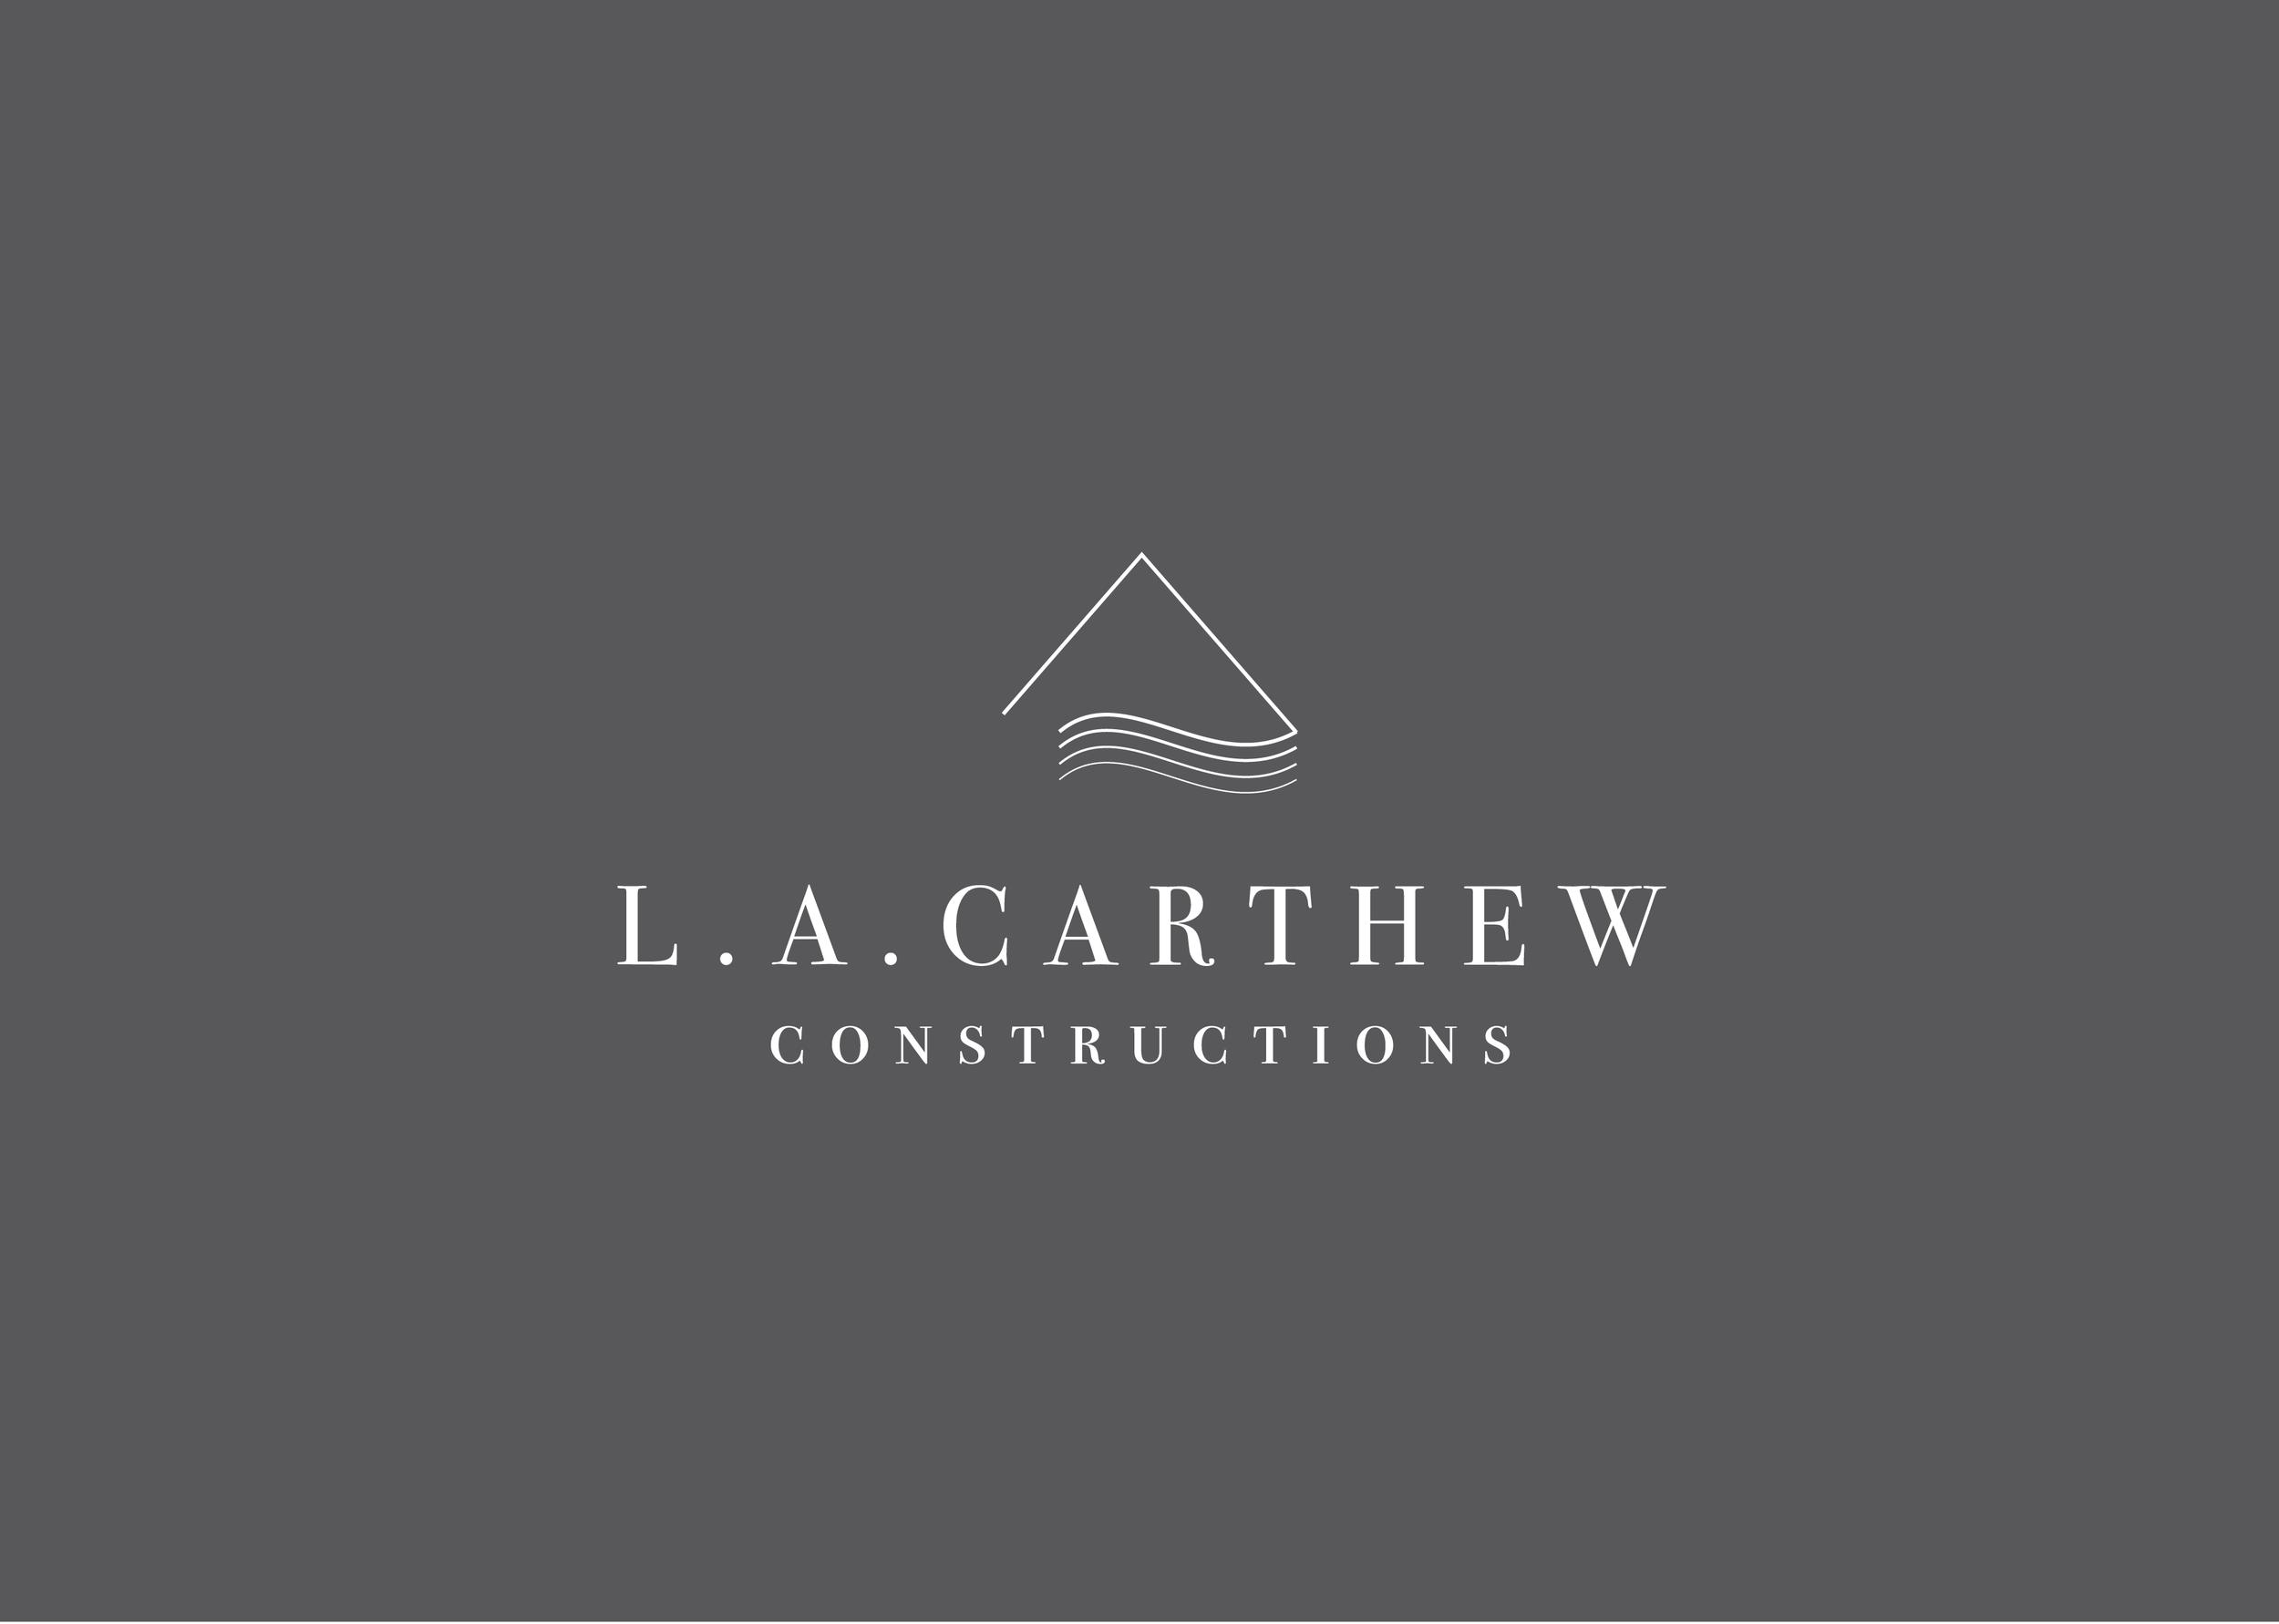 LA-CARTHEW-logo concepts-04.png